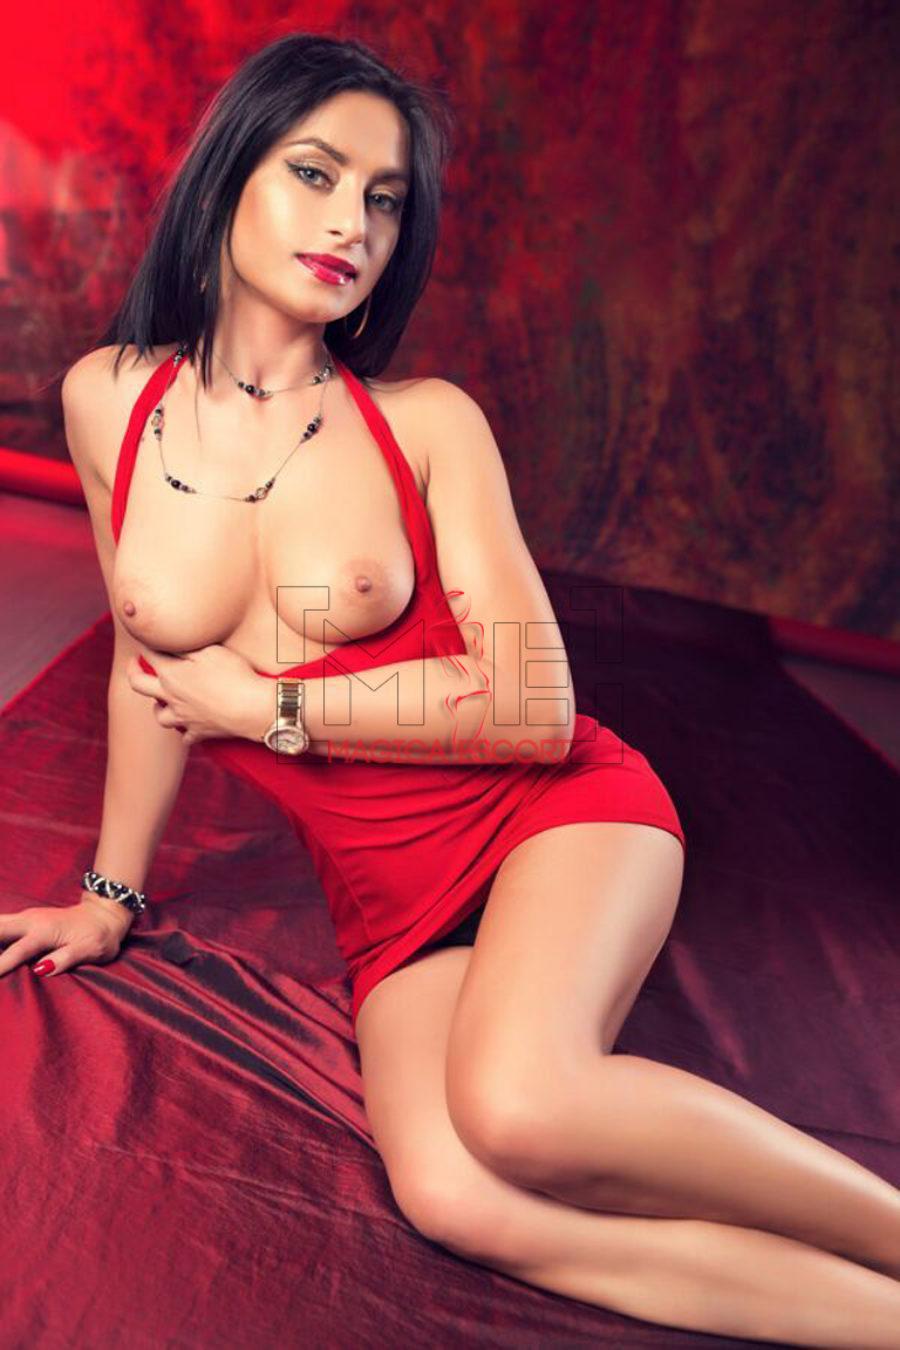 Il seno bellissimo di Anastasia escort Milano fasciata in un abitino rosso fuoco.